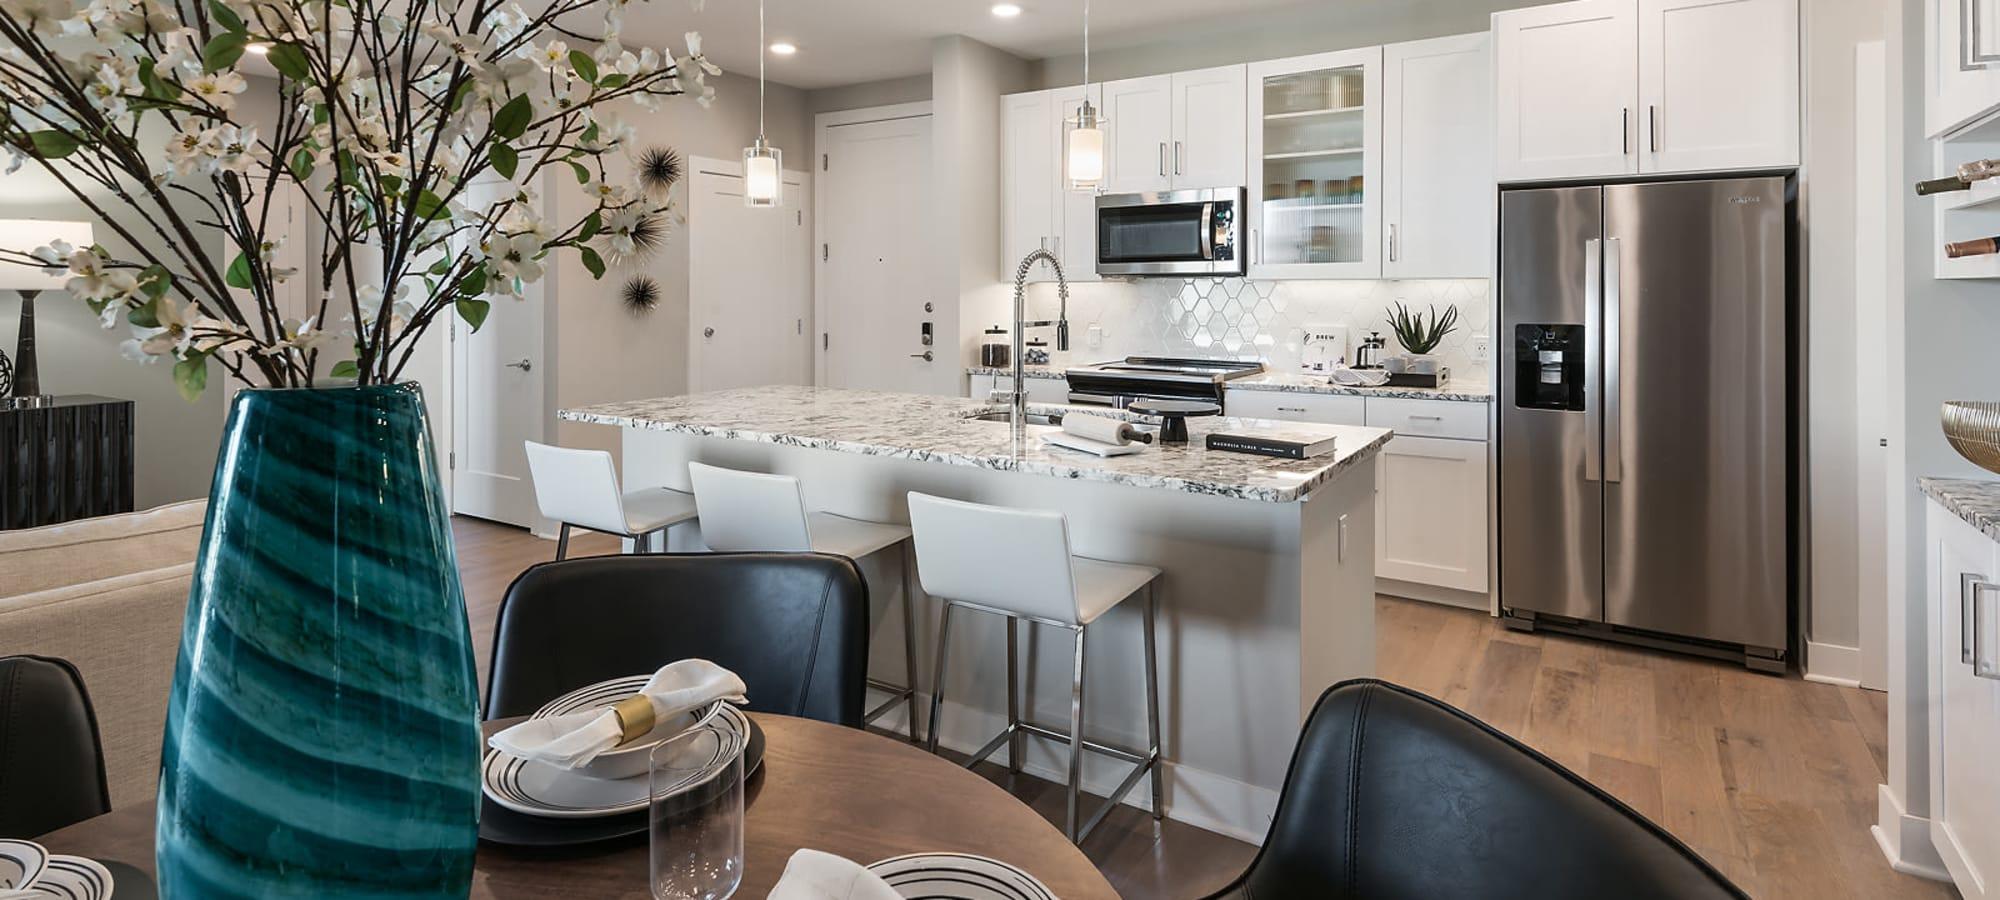 High end kitchen at The Halsten at Chauncey Lane in Scottsdale, Arizona